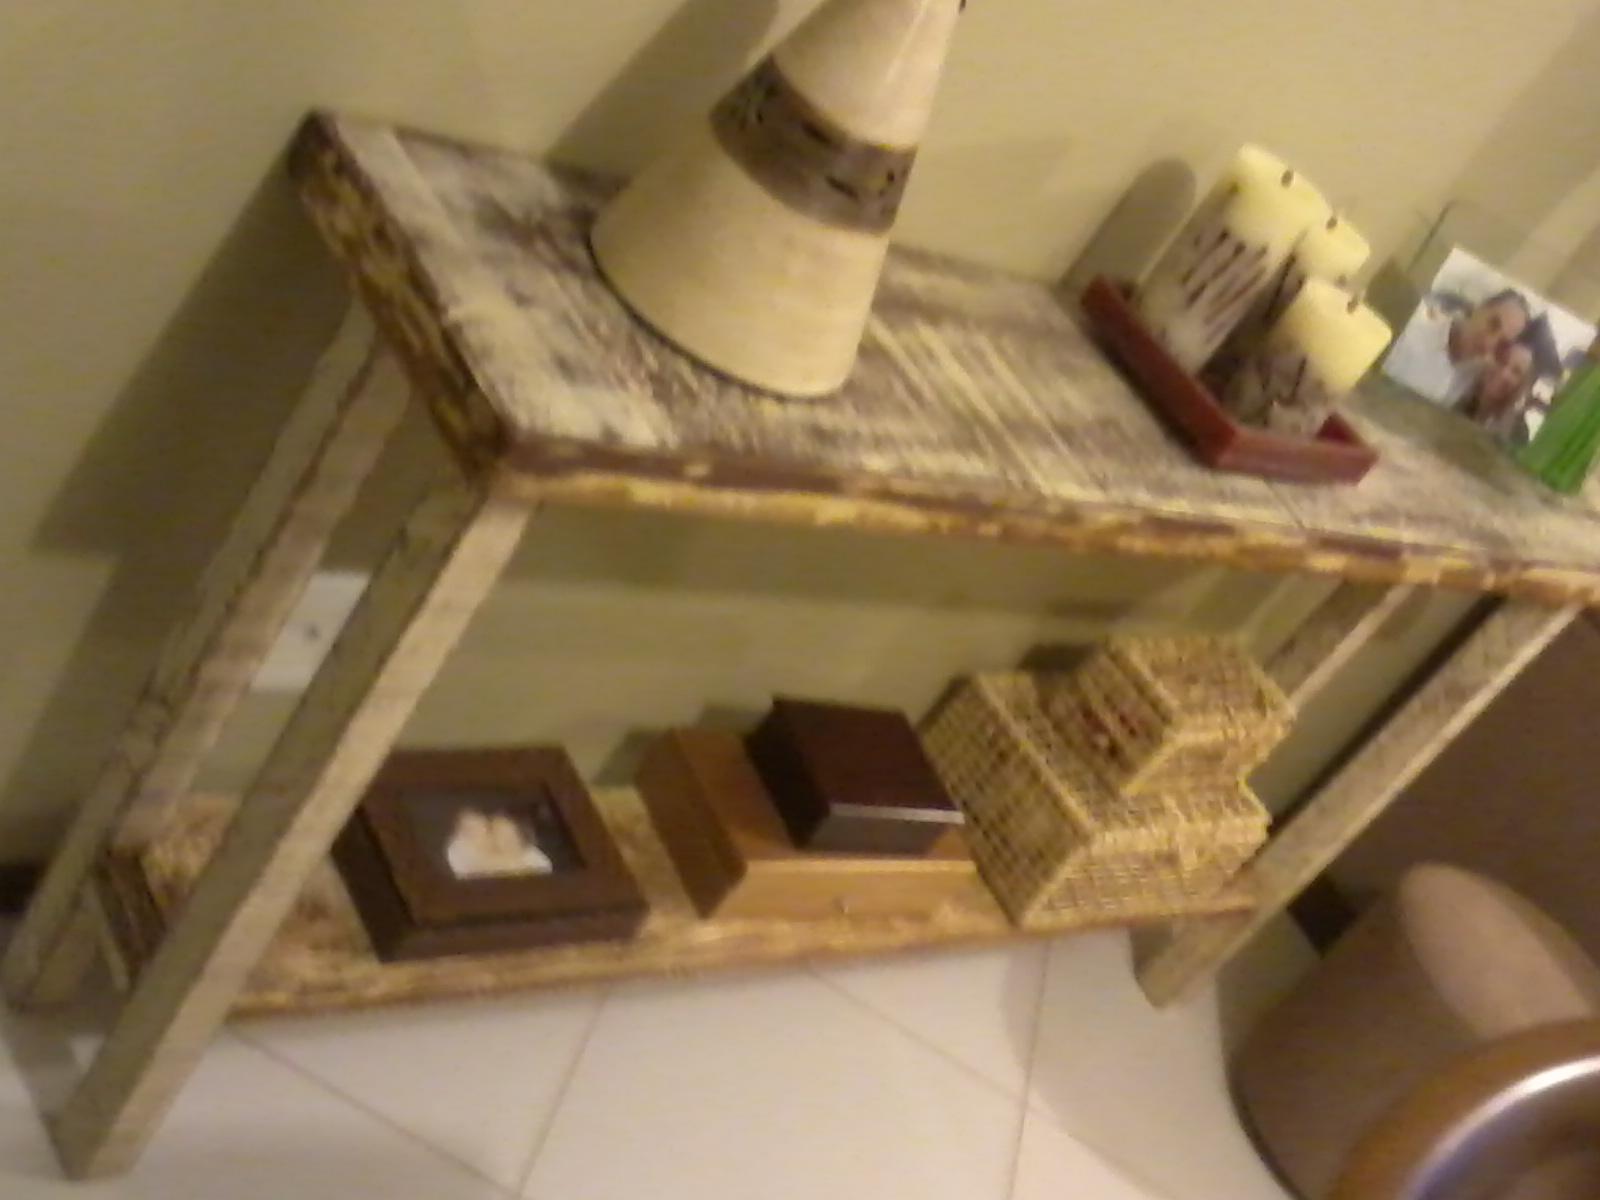 Brechó da Tila: Móveis artesanais madeira de demolição/reciclada #4D6720 1600x1200